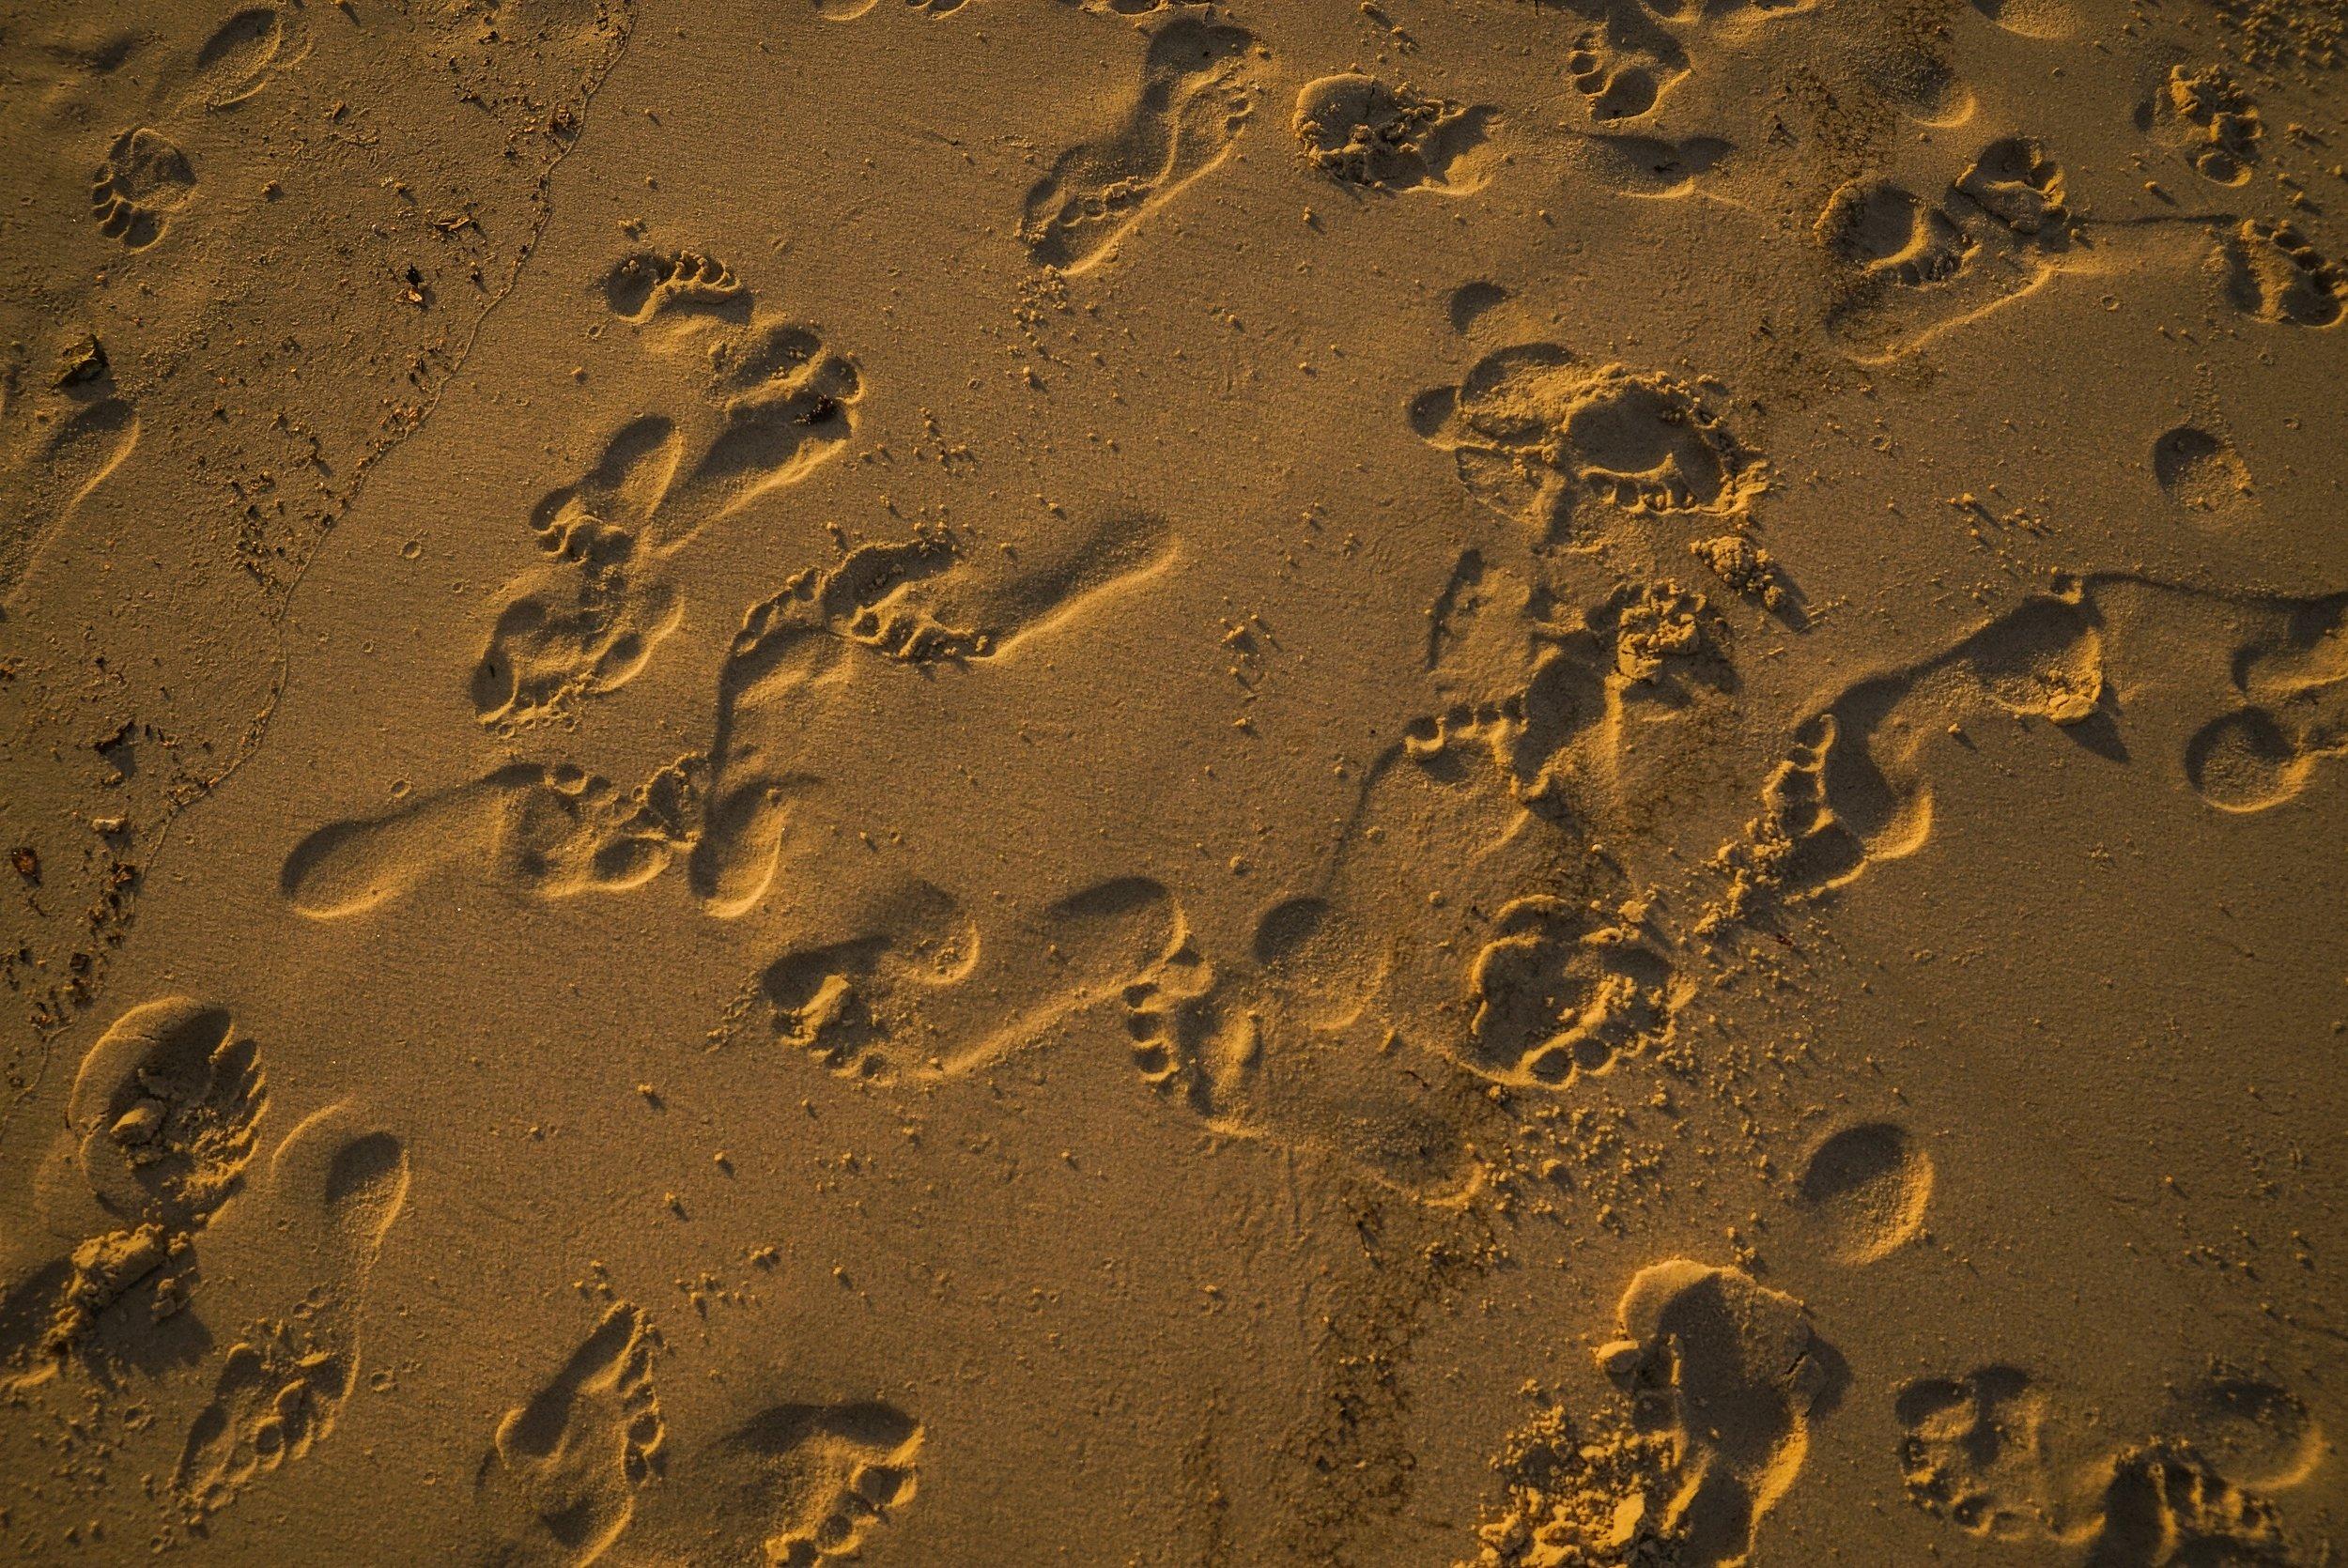 beach-footprints-footsteps-1656671.jpg